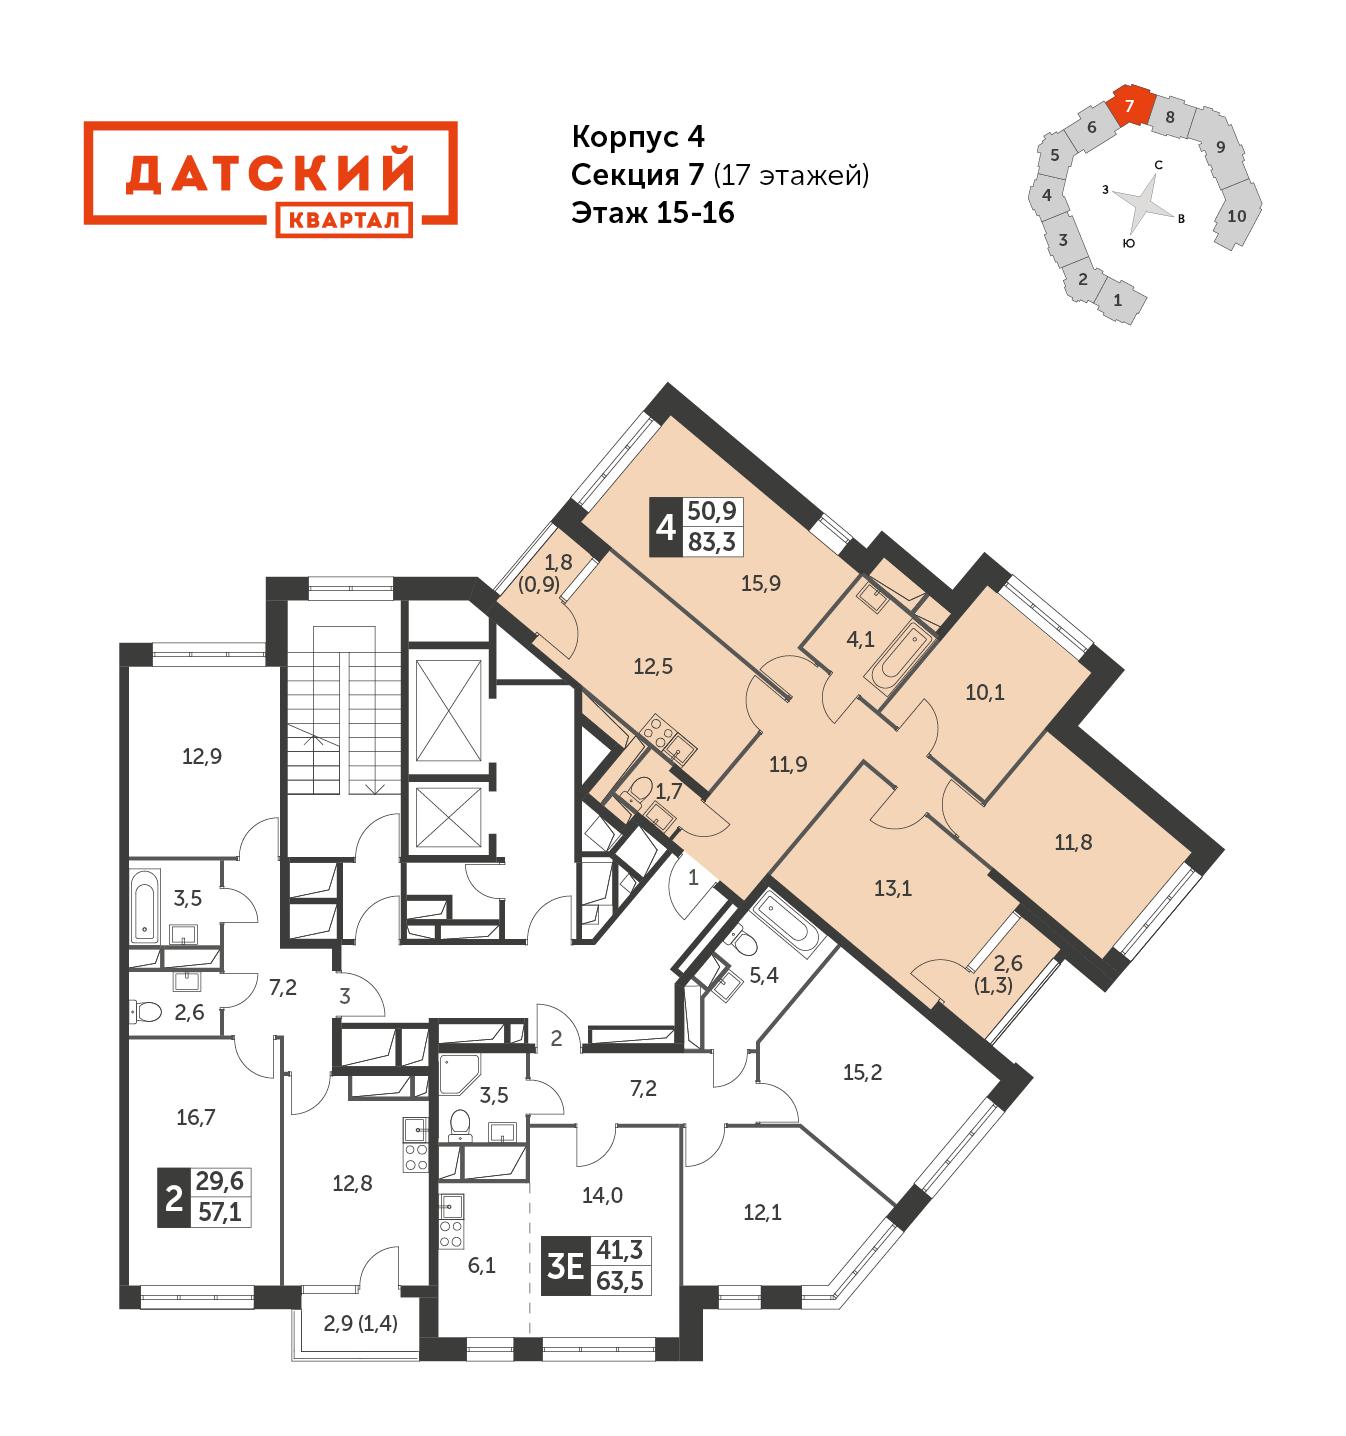 4-комнатная квартира, 83.3м² за 7,9 млн руб.